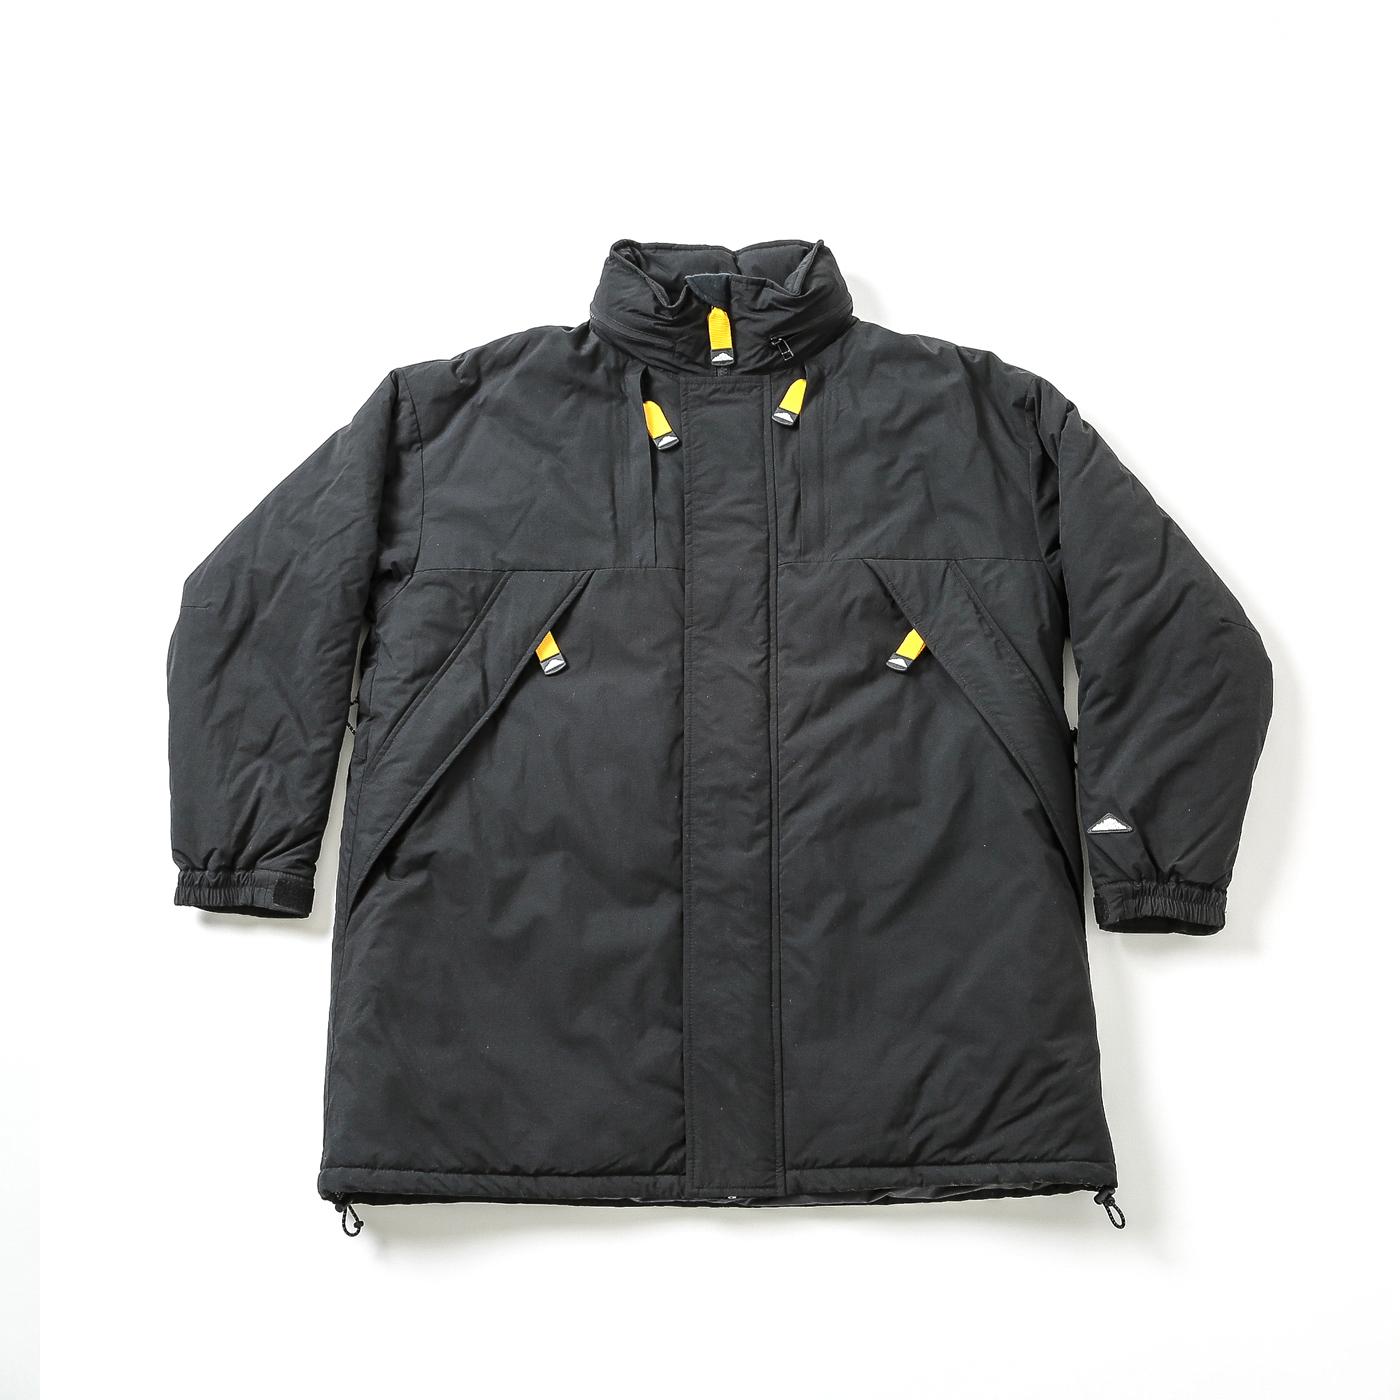 product: Montrose / color: BLACK 1